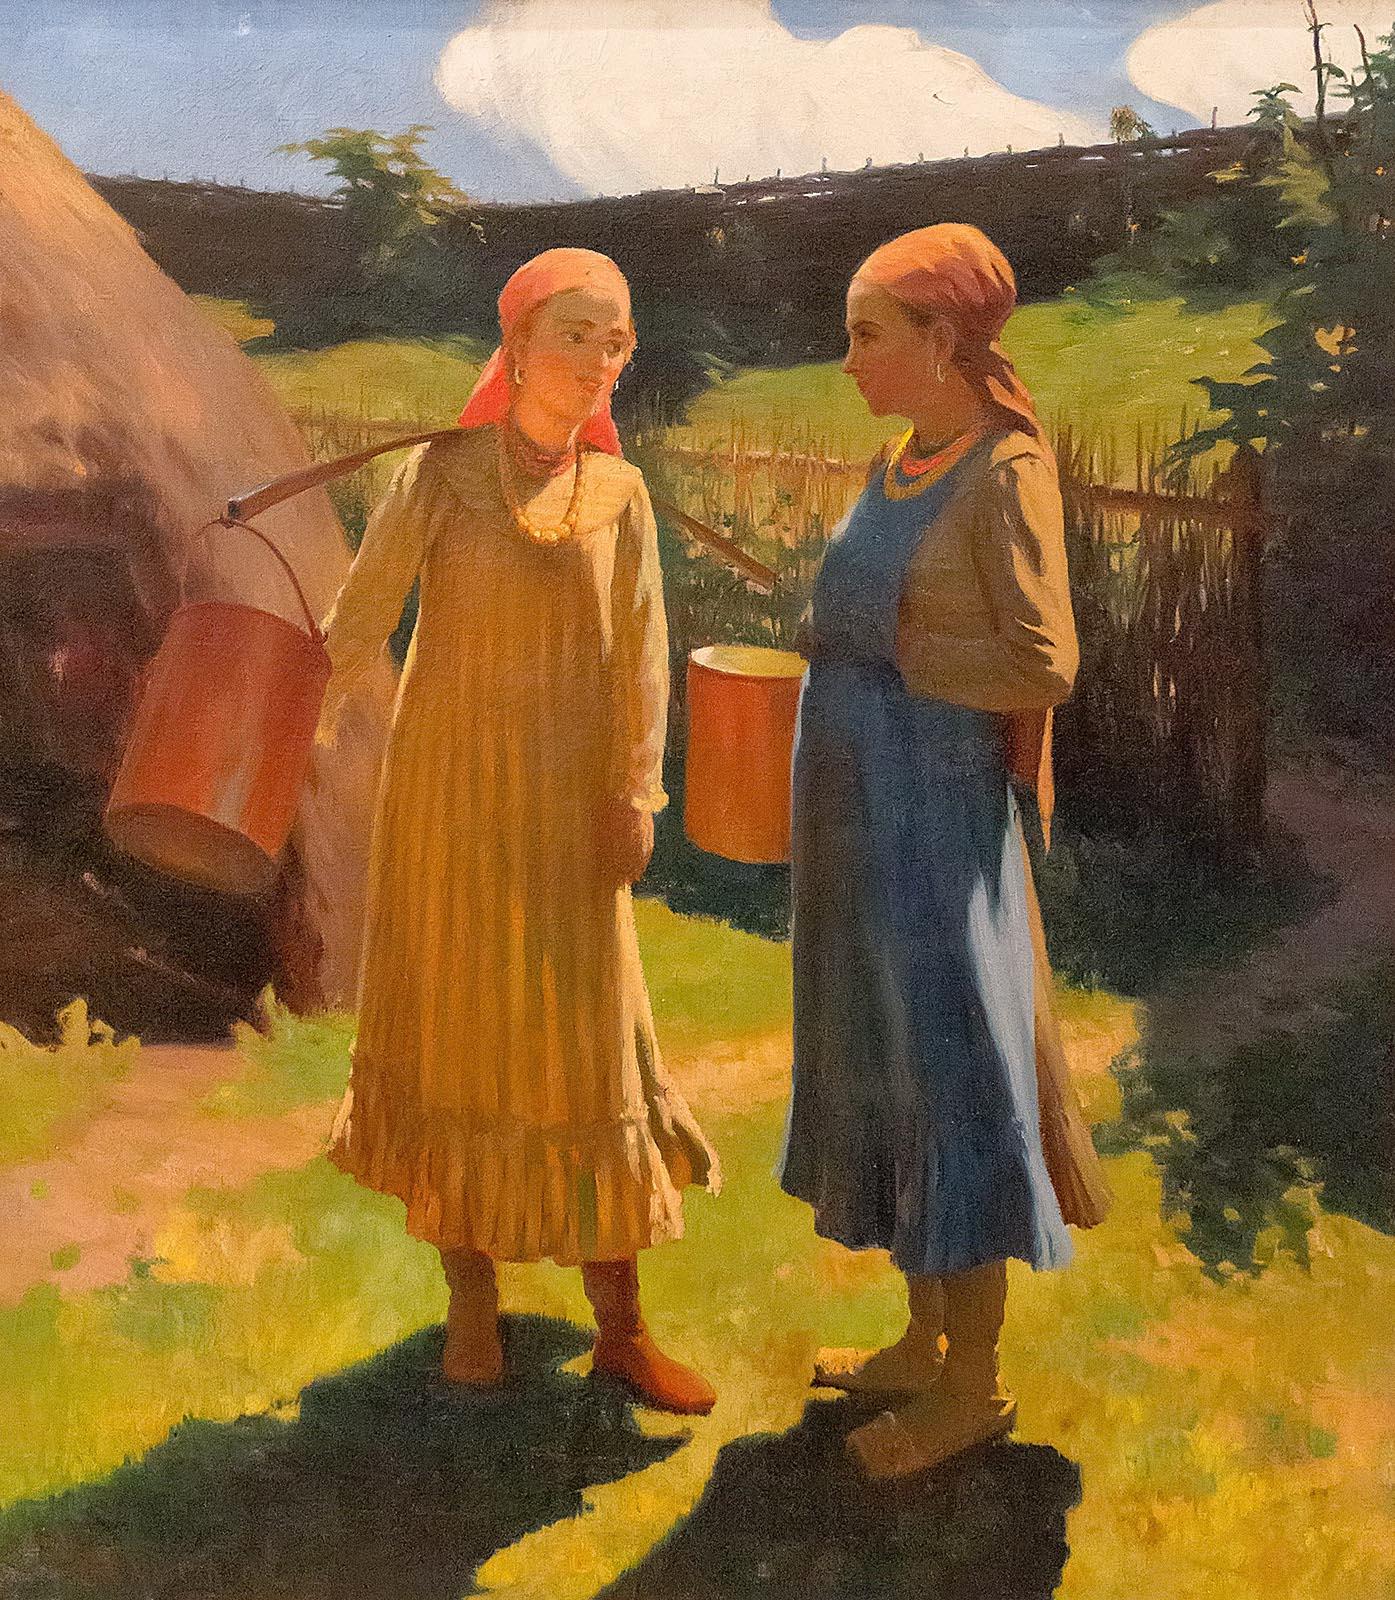 Фото №209850. МЕДВЕДЕВ Г.А. 1868 - 1944 ПОДРУГИ. 1924